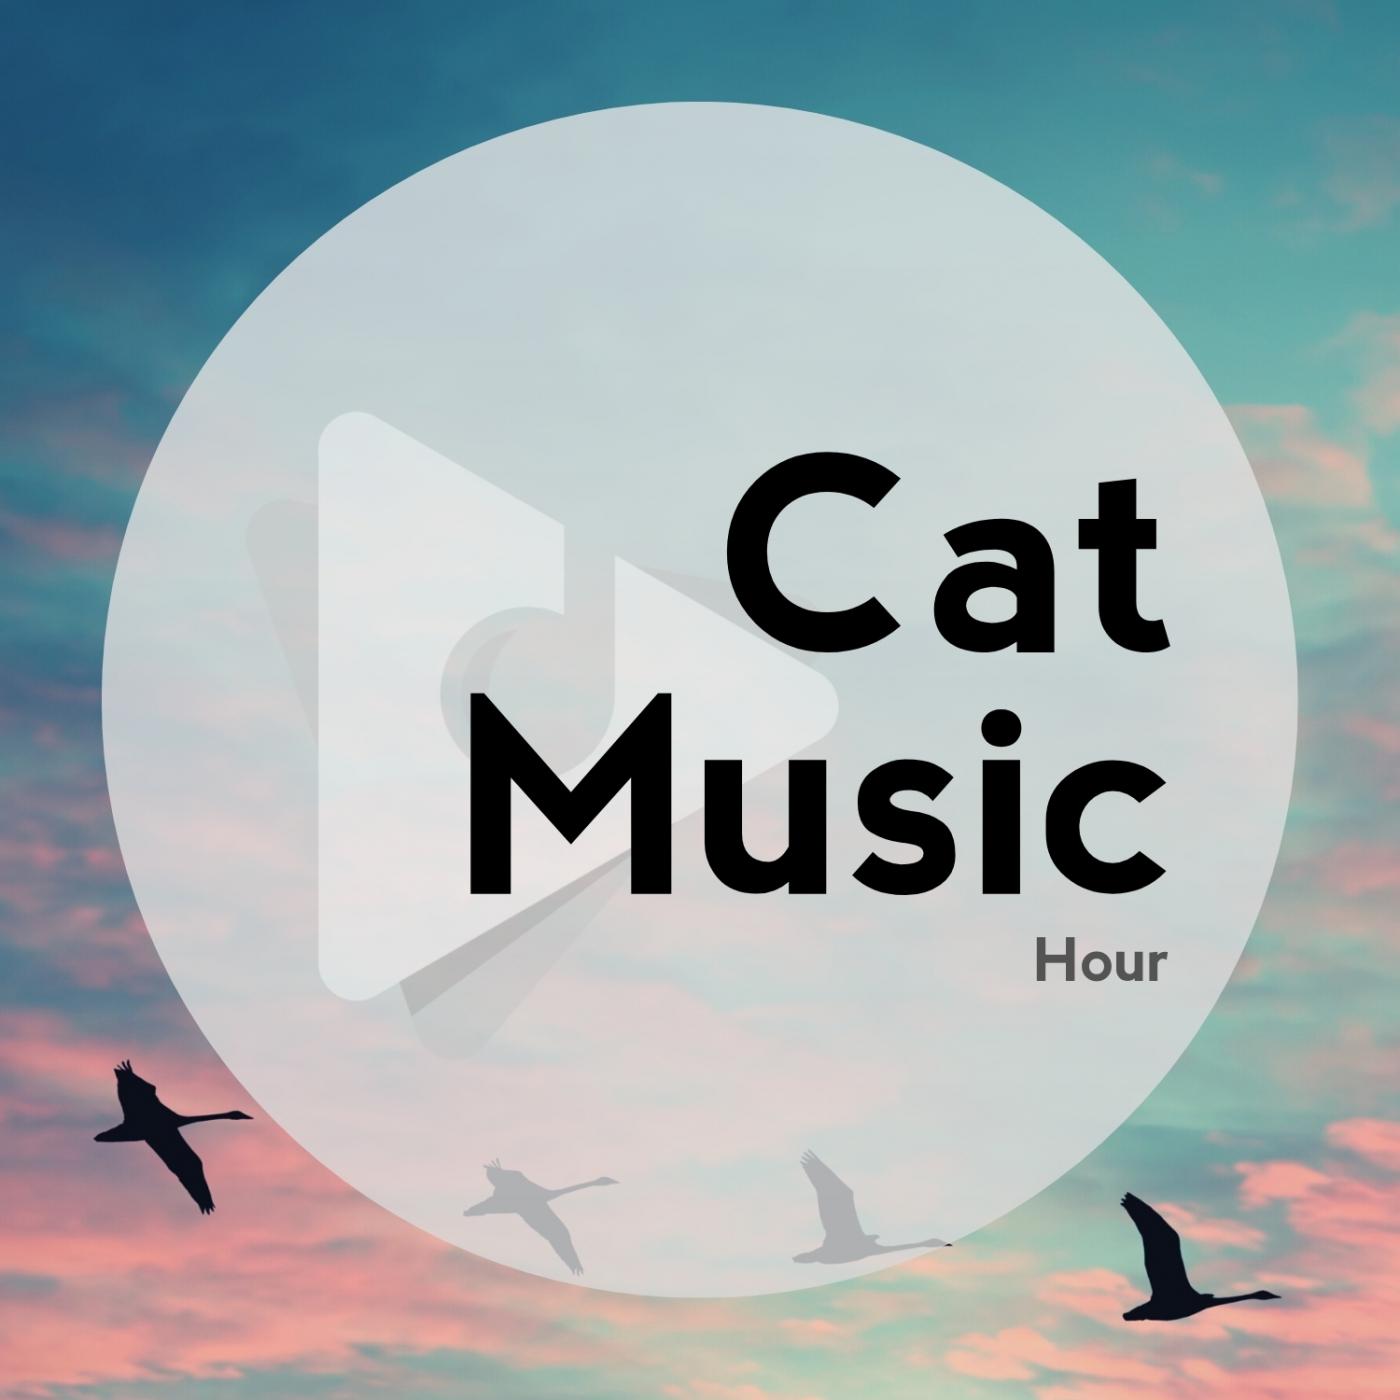 Cat Music Hour